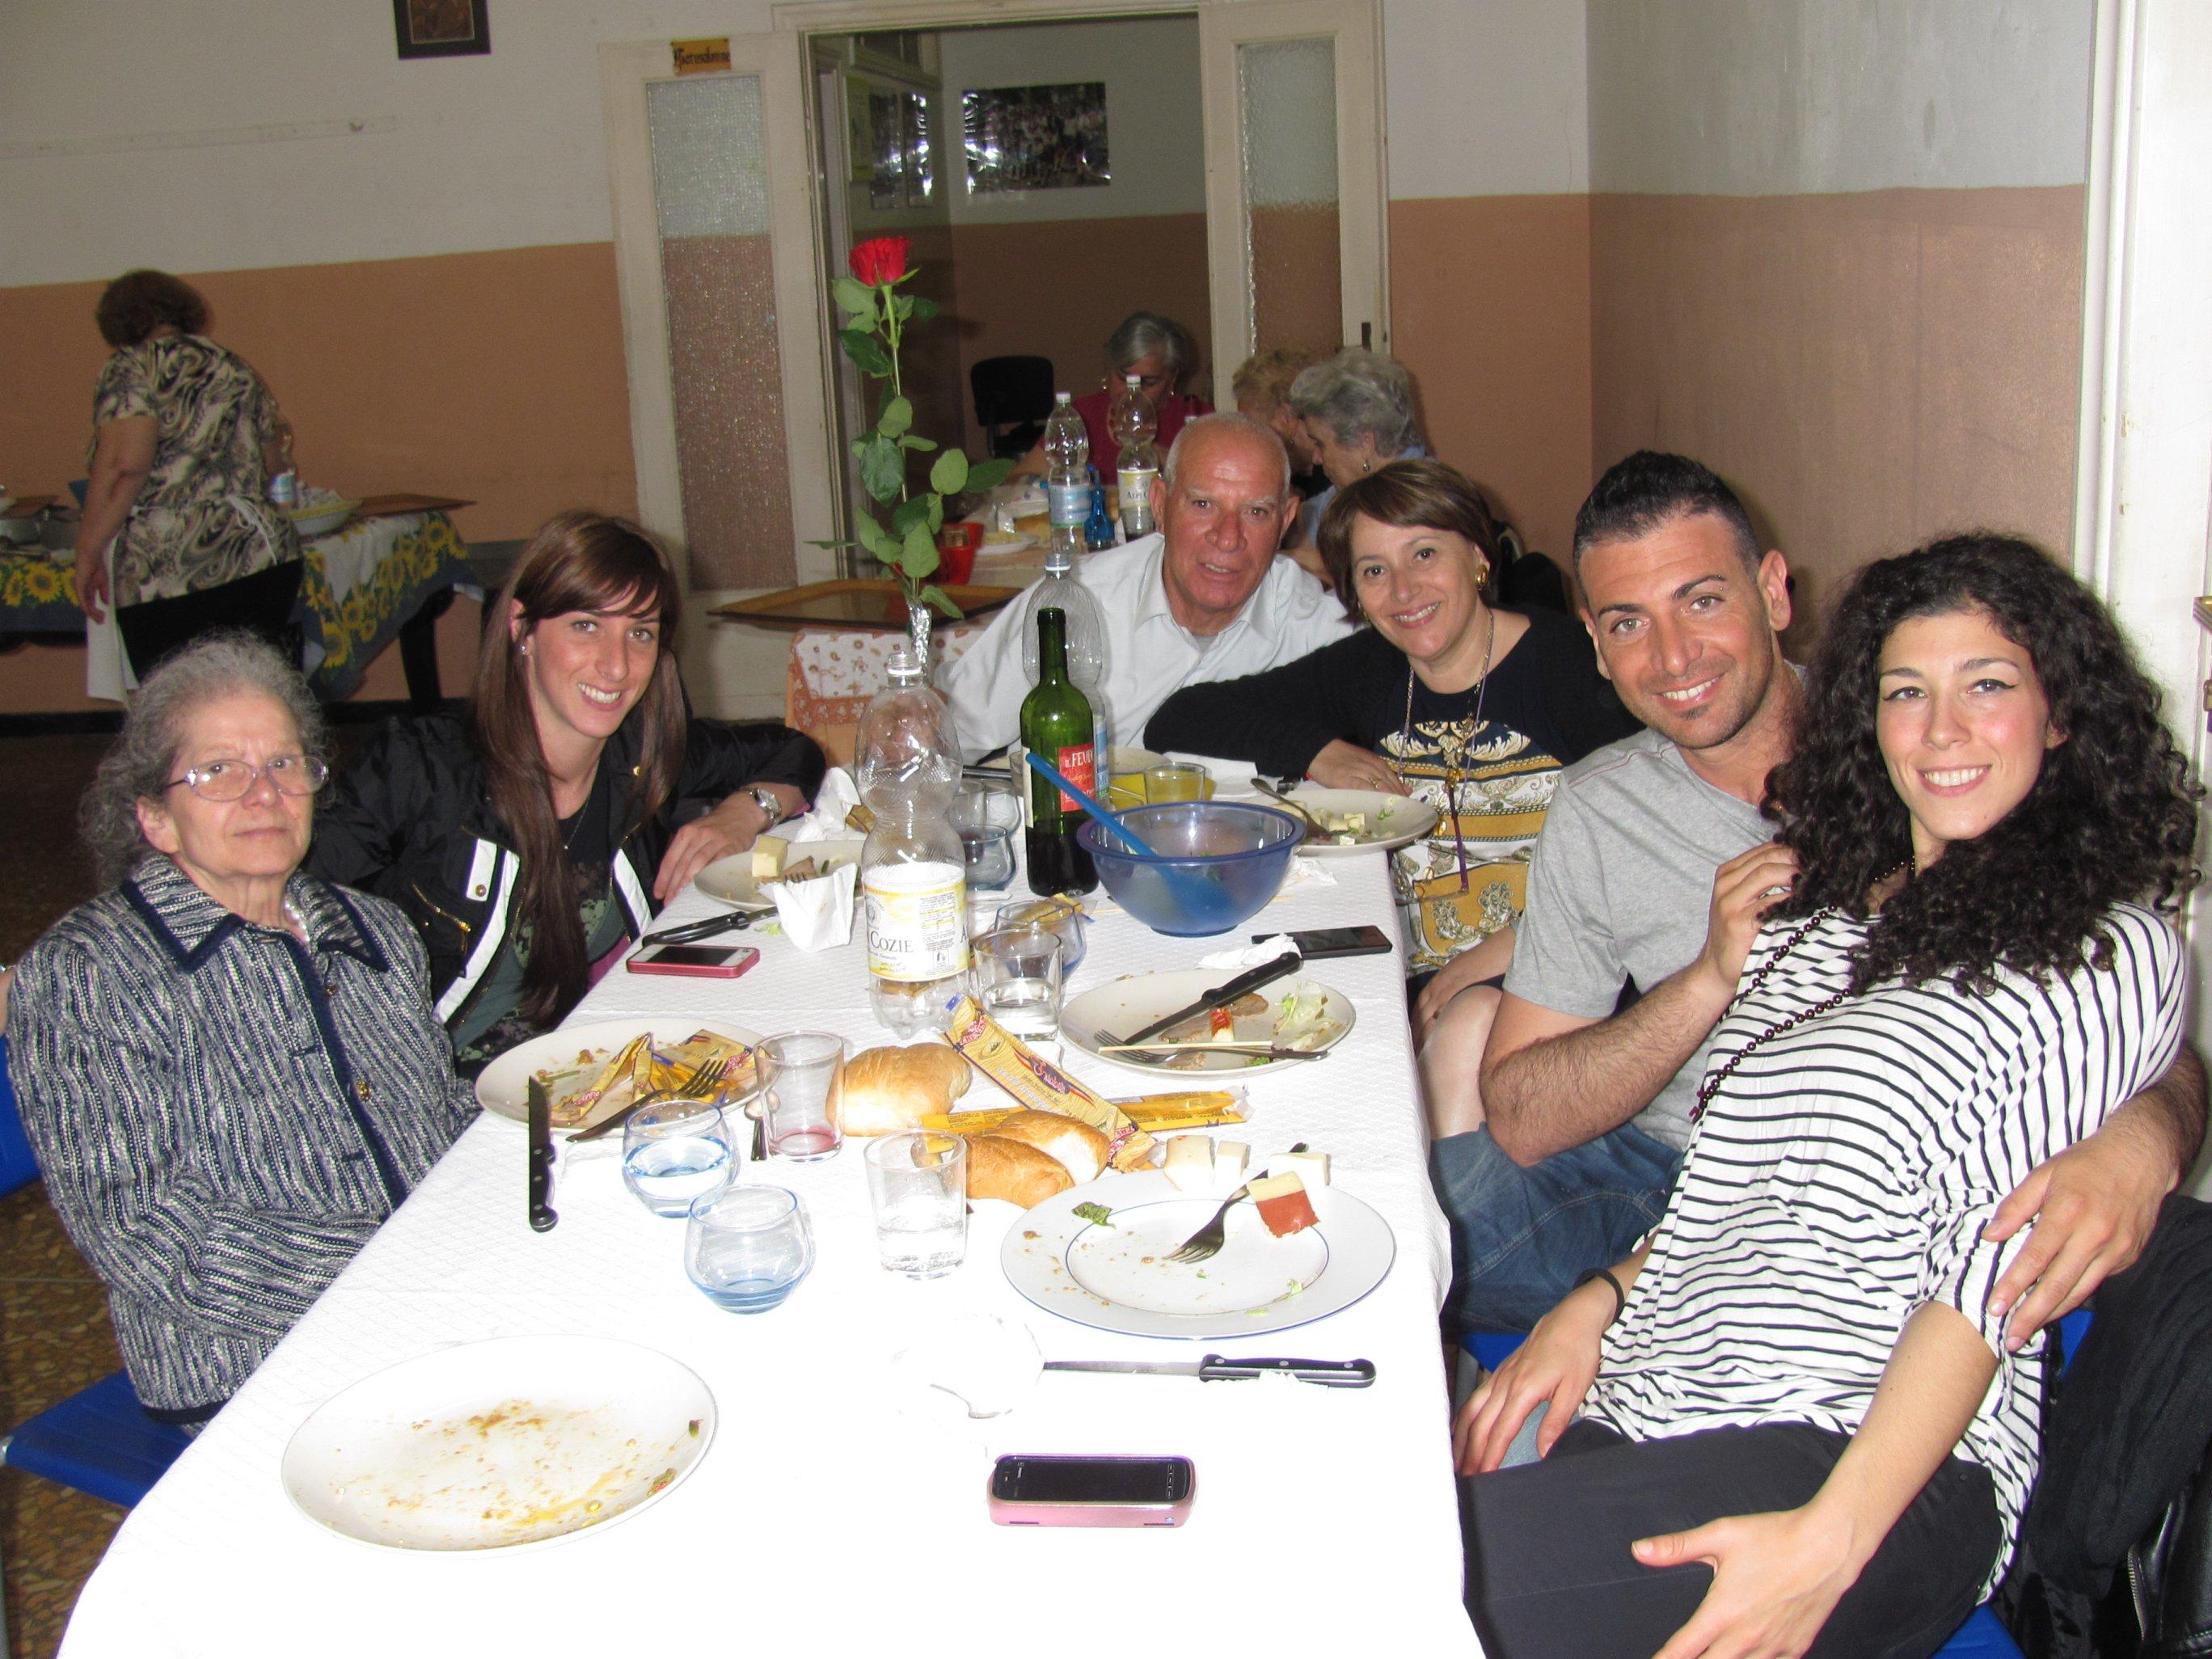 anniversari_di_matrimonio_e_di_ordinazione_2012-06-03-13-14-02